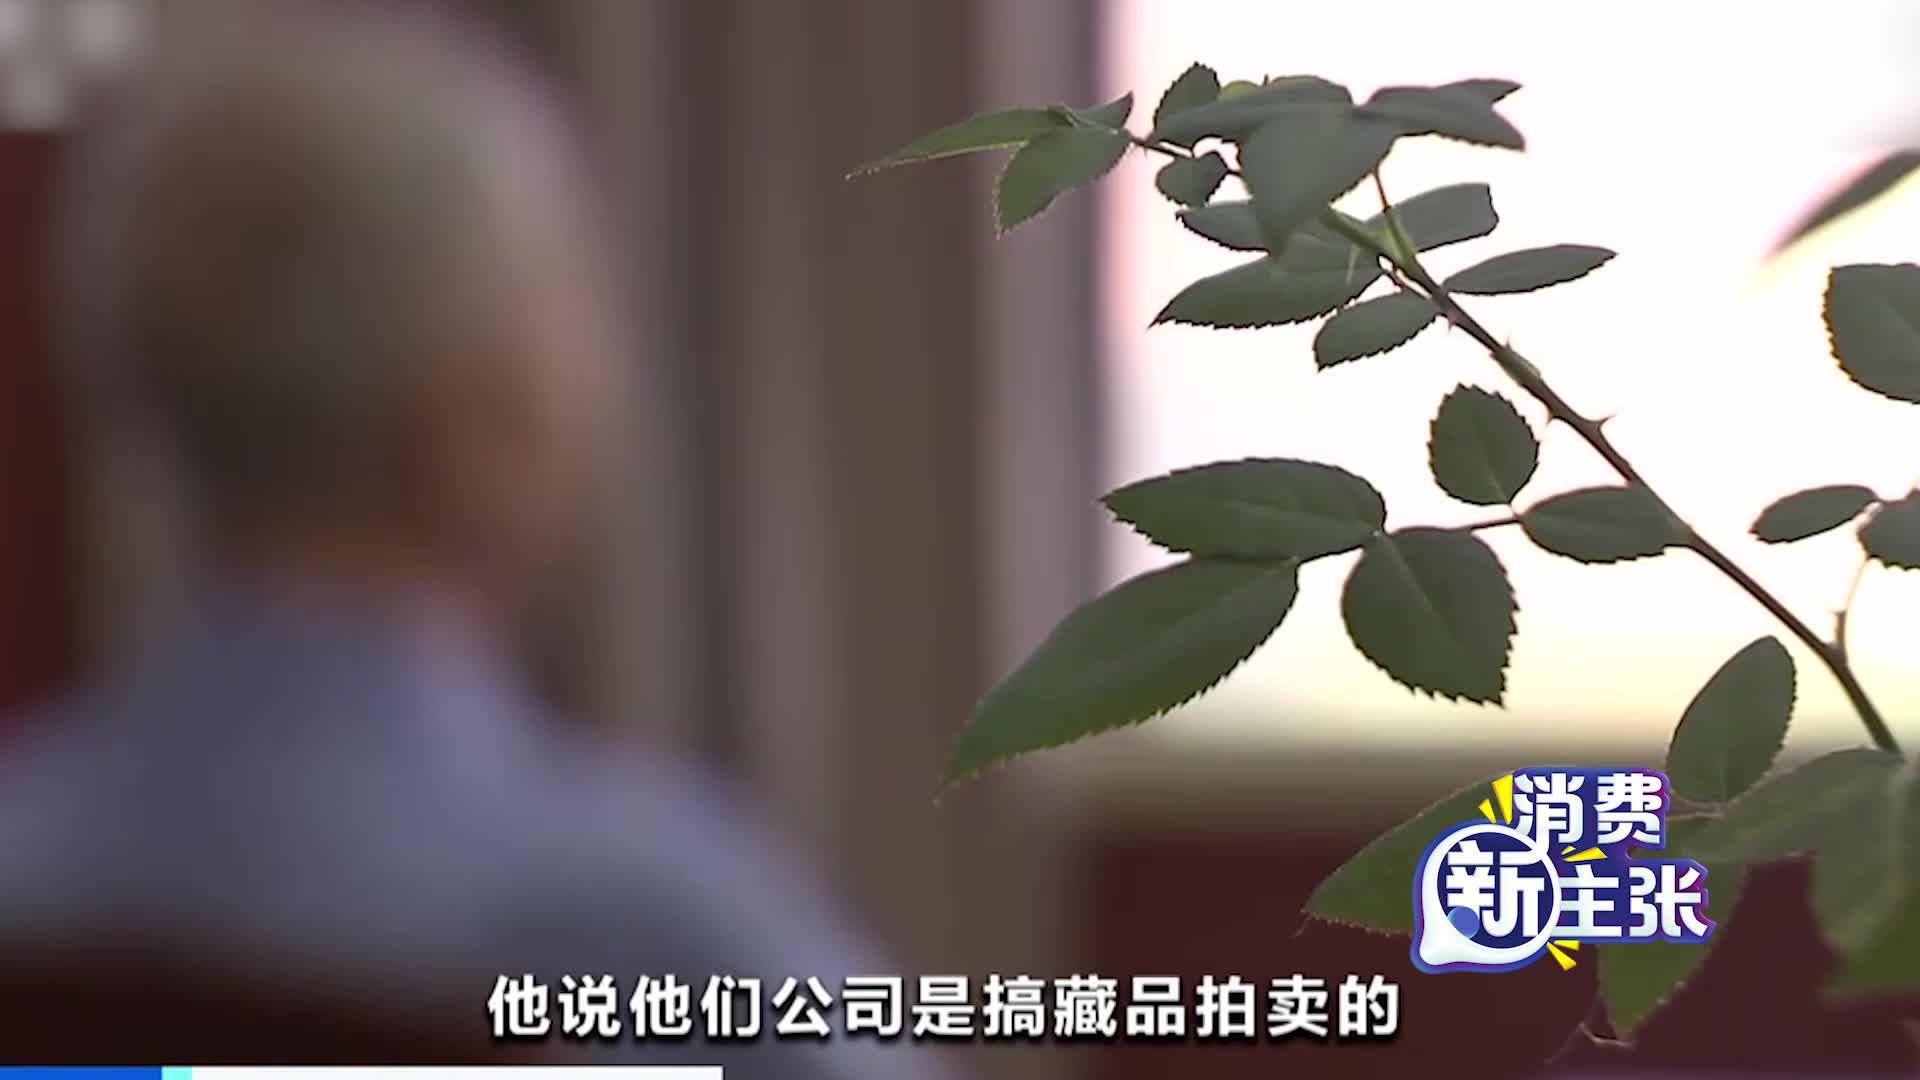 消费·警示——号称藏品能卖出天价 专门诱骗中老年藏家